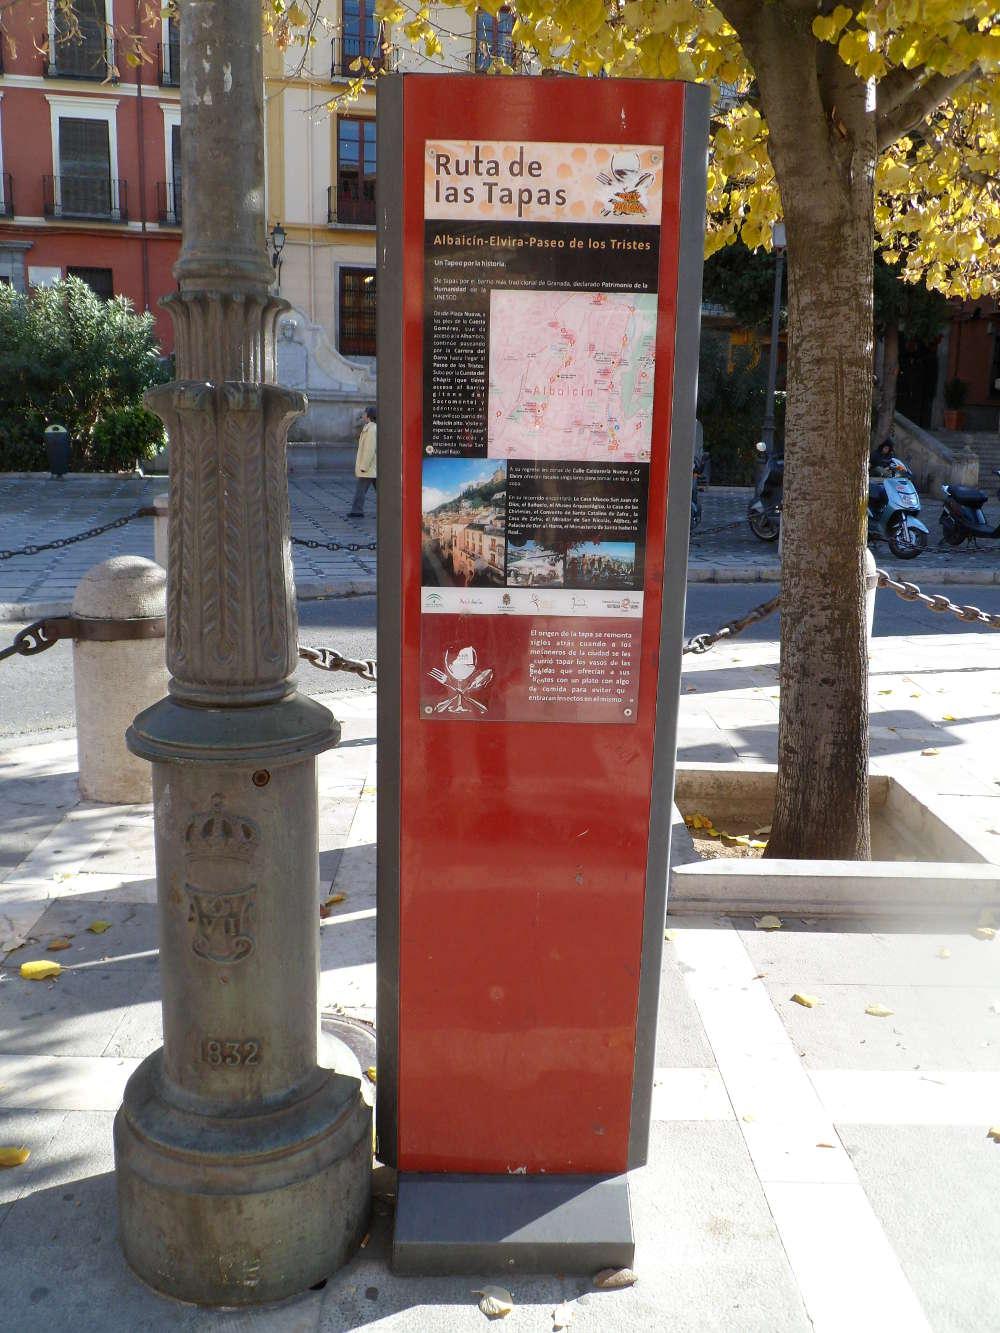 Señalización de la ruta de la tapa en Plaza Nueva